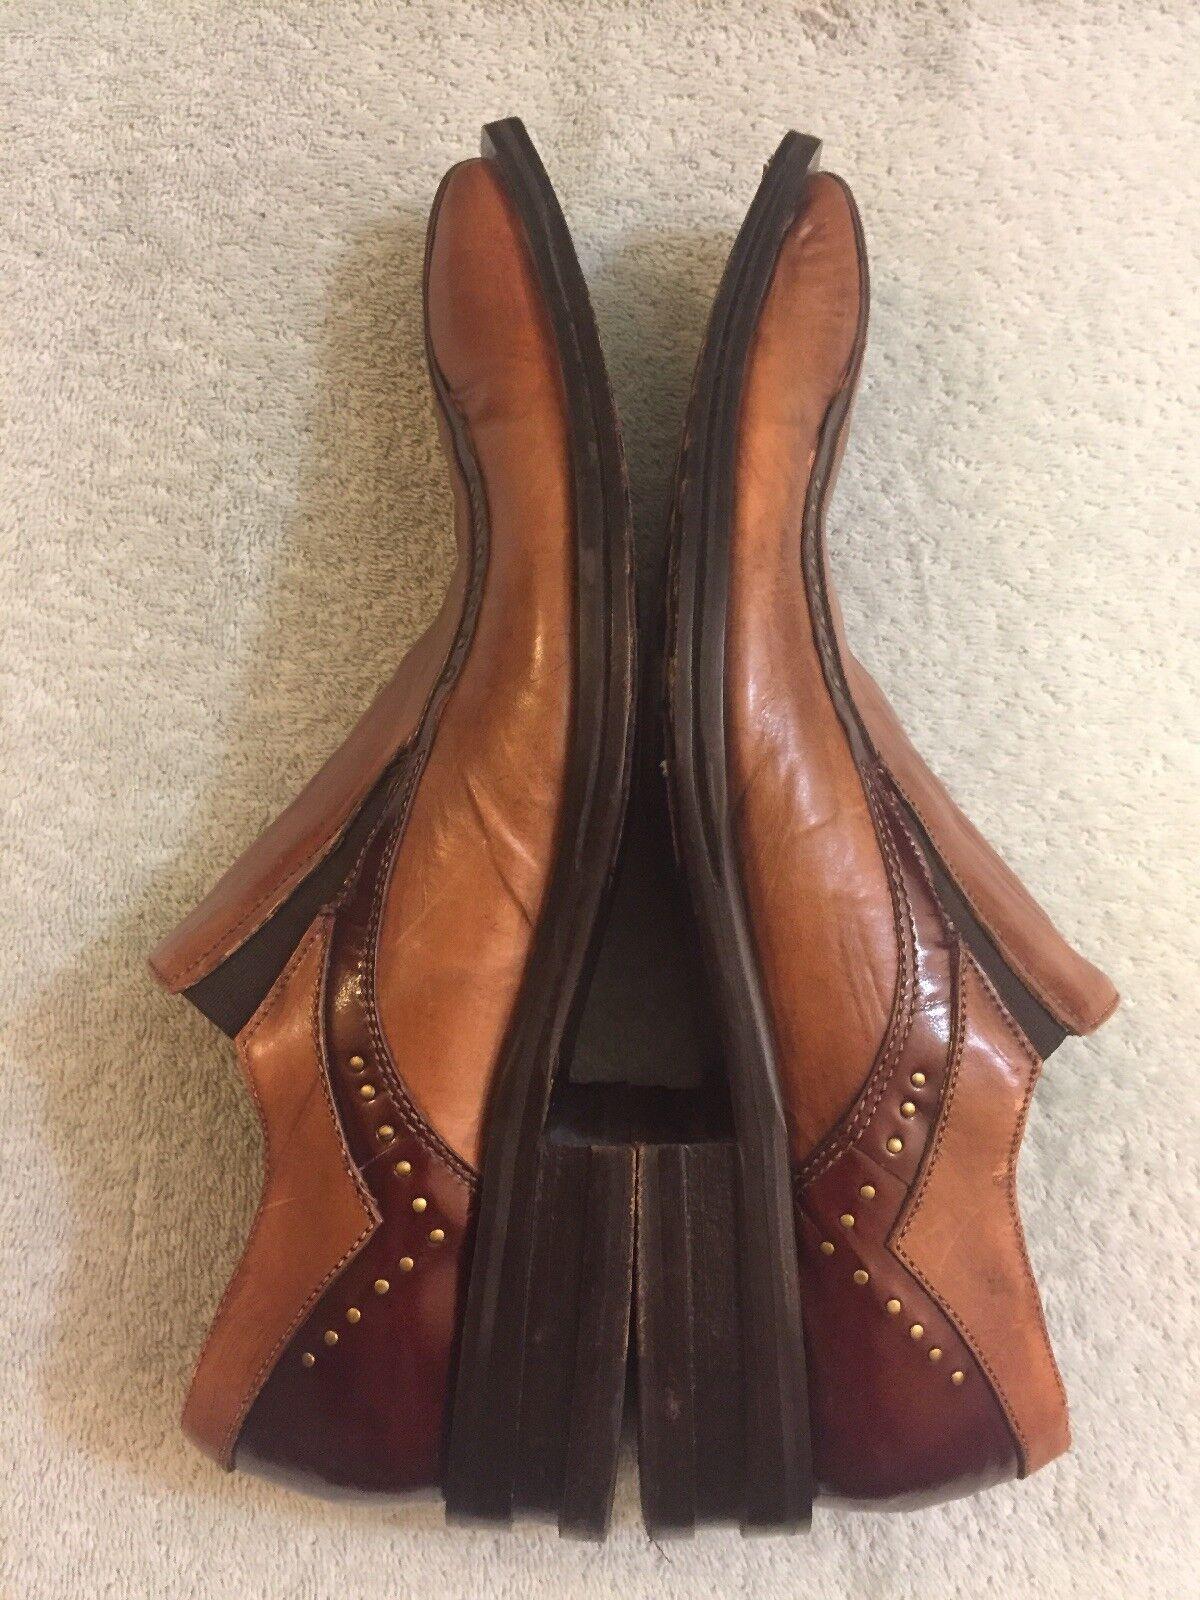 Jo Ghost Marroneee Marroneee Marroneee Burgundy Leather Slip On Pointed Handmade  Sz 40 Us 7-7.5 09aa78